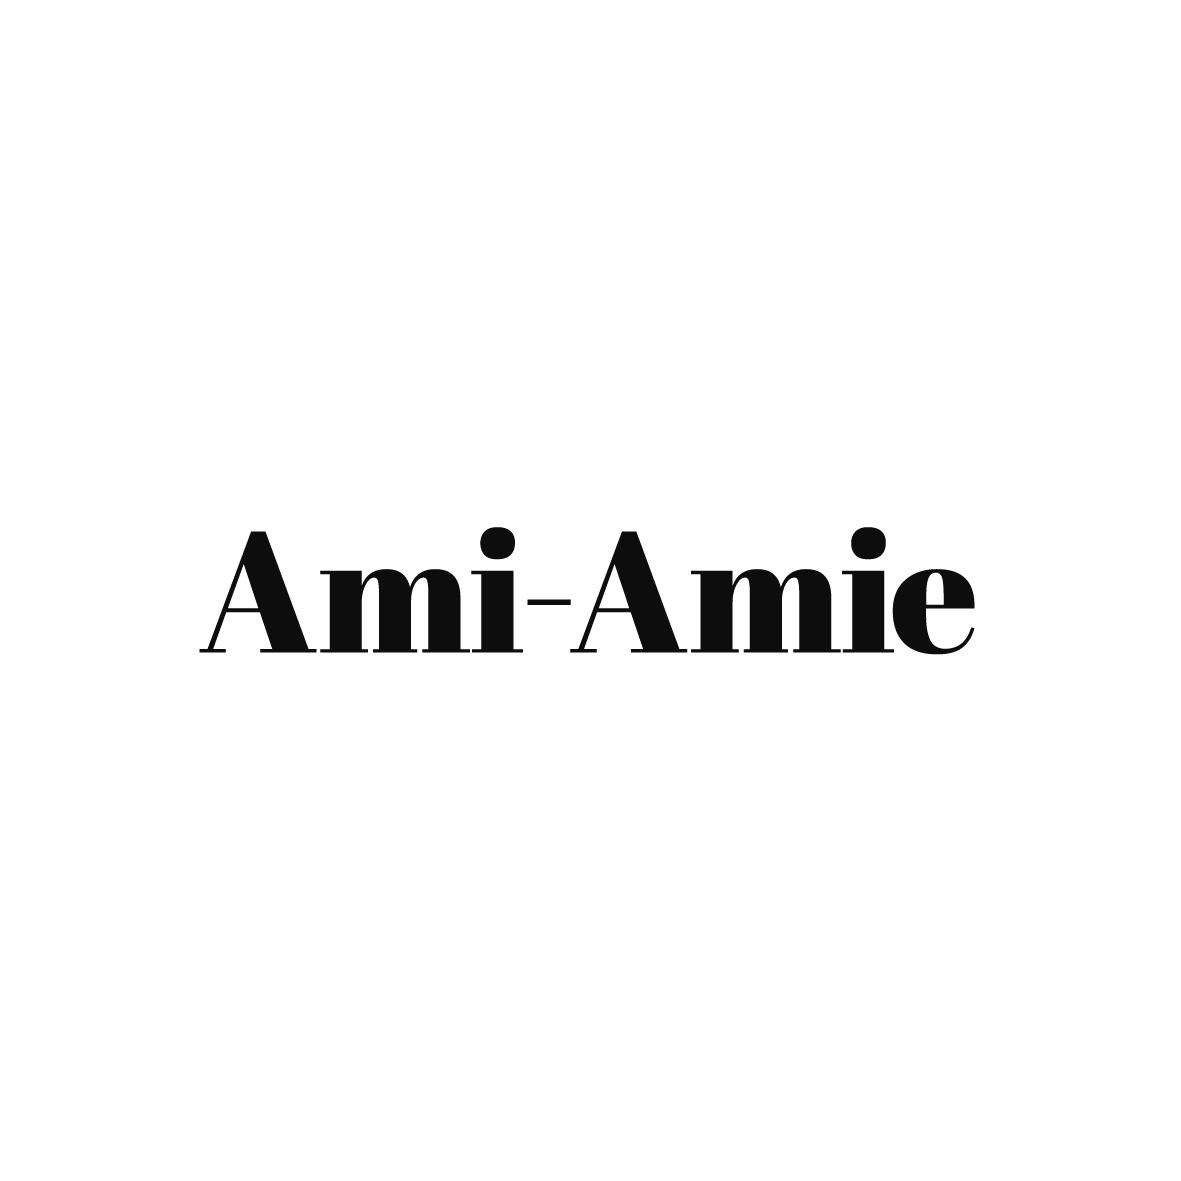 Ami-Amie